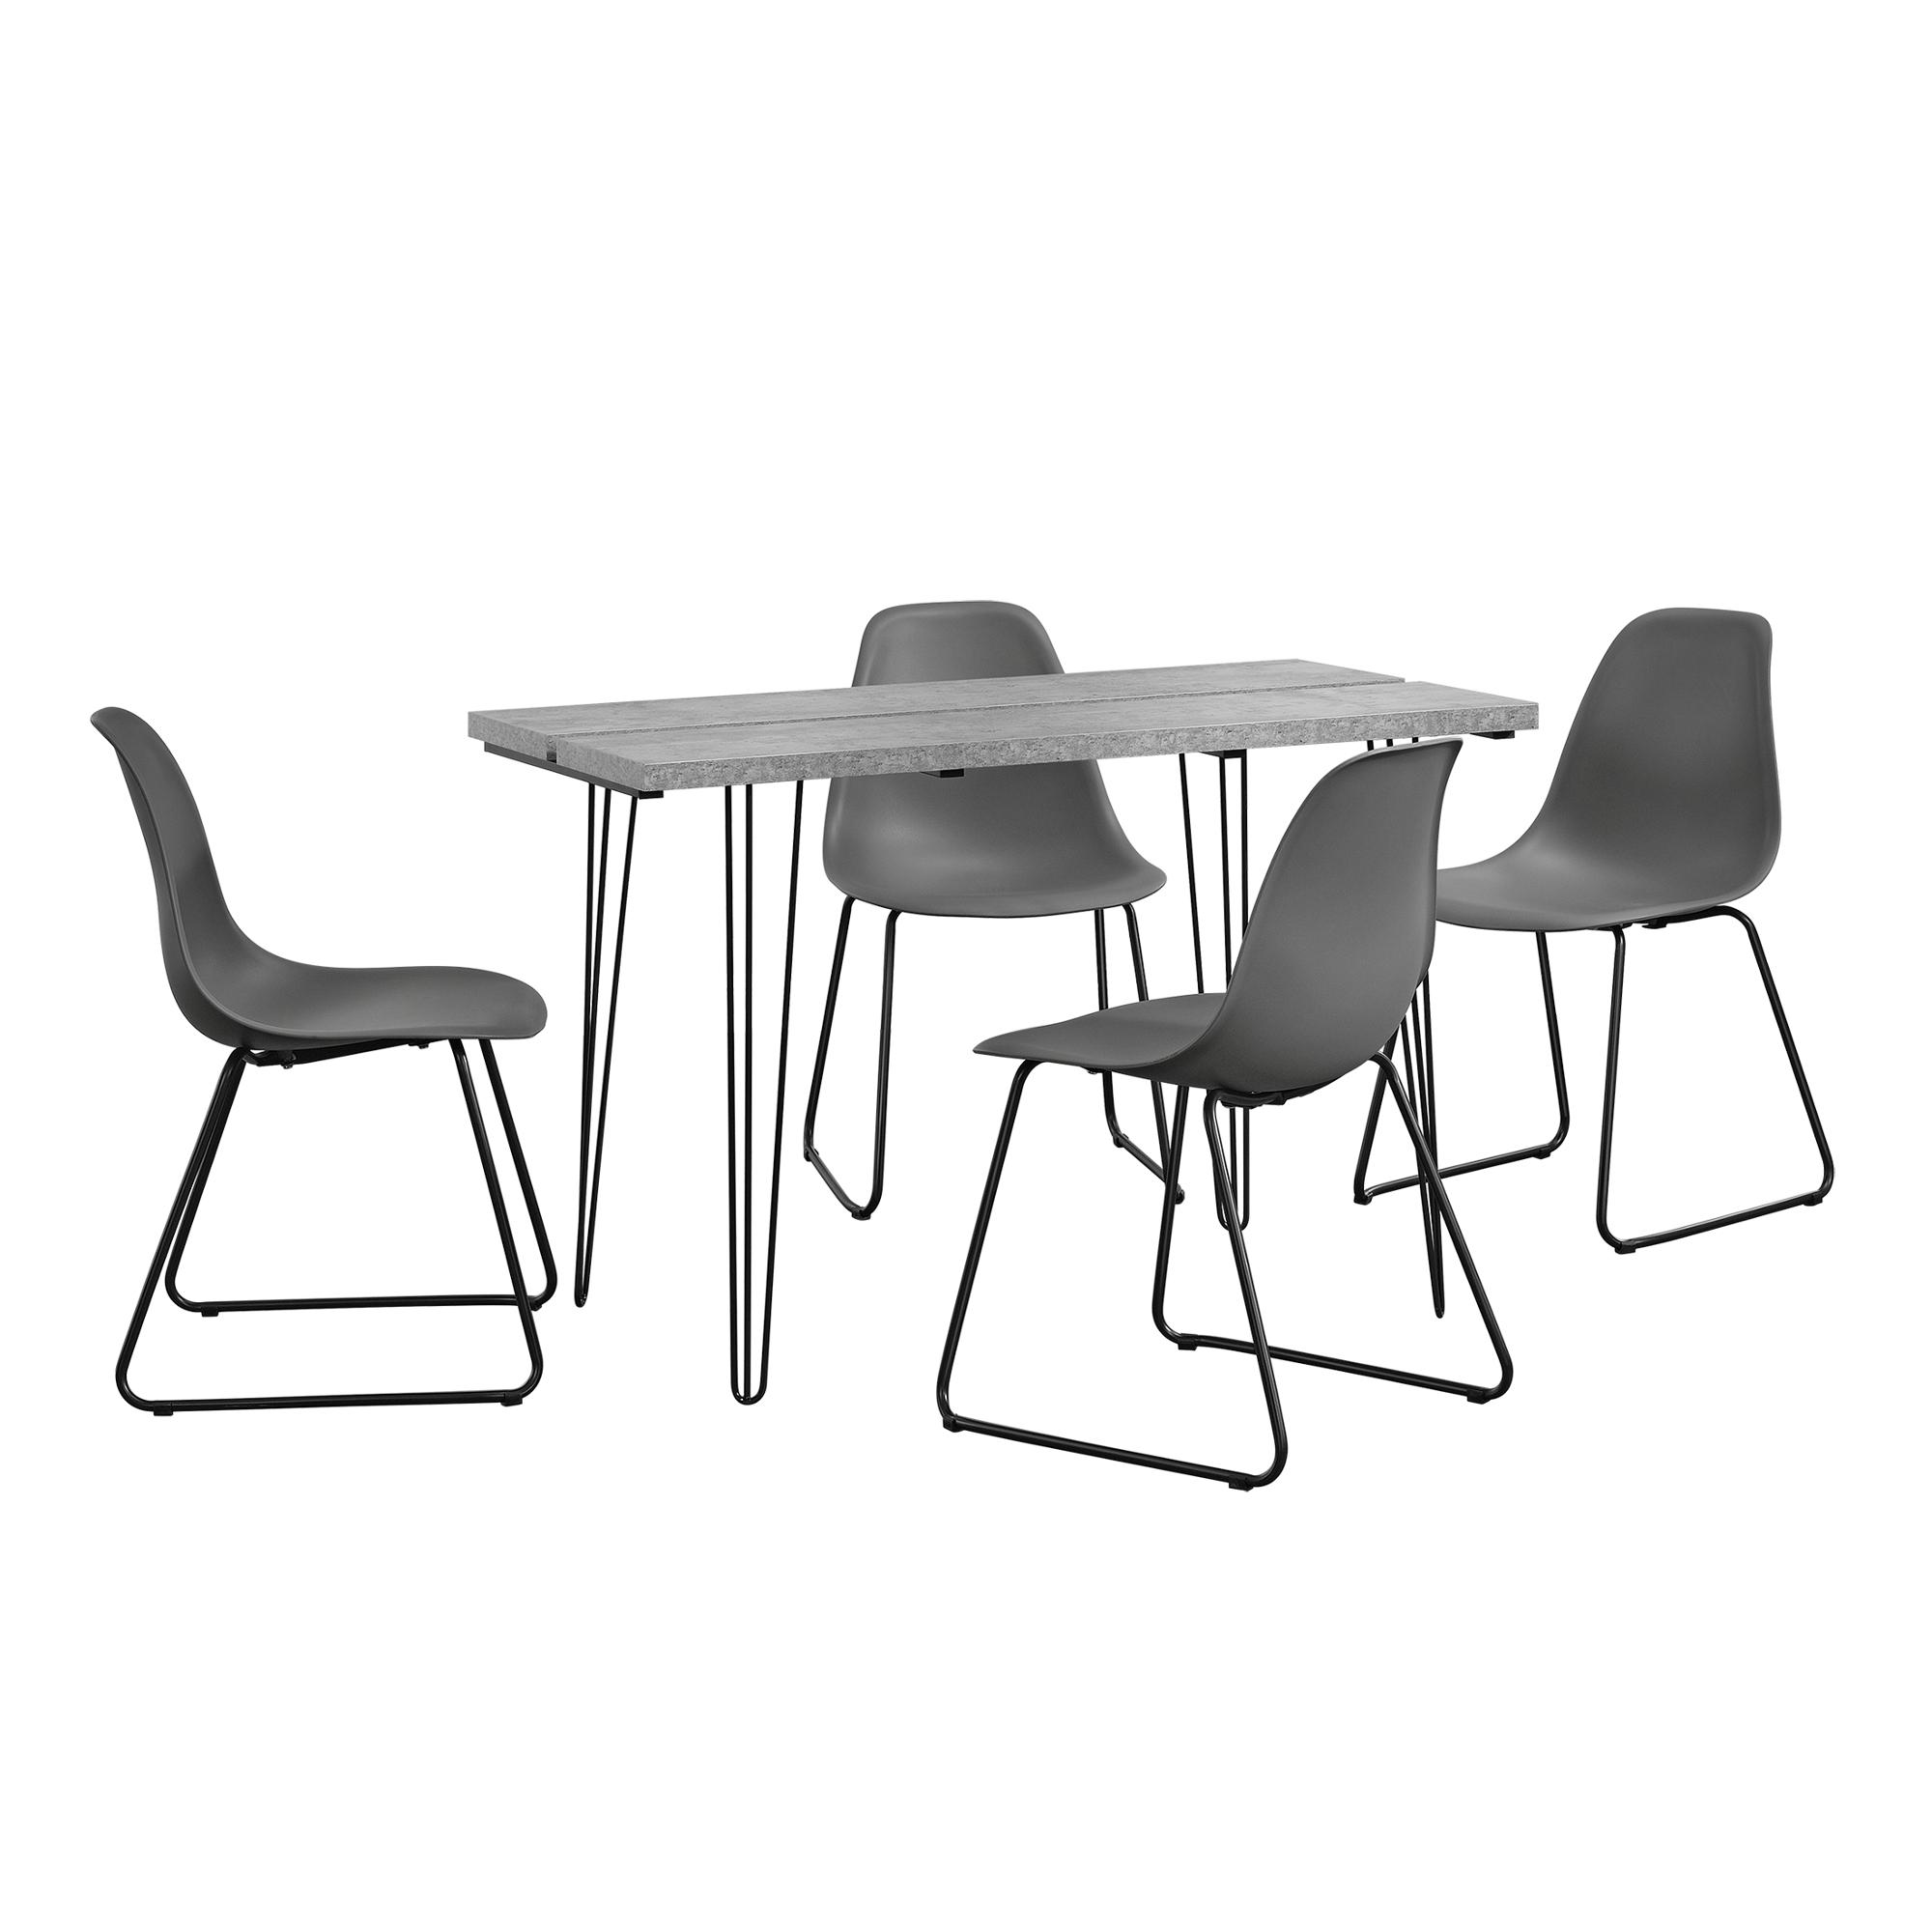 [en.casa]® Designový jídelní stůl AANT-0310 + 4 ks židlí AANE-1202 - tmavě šedé